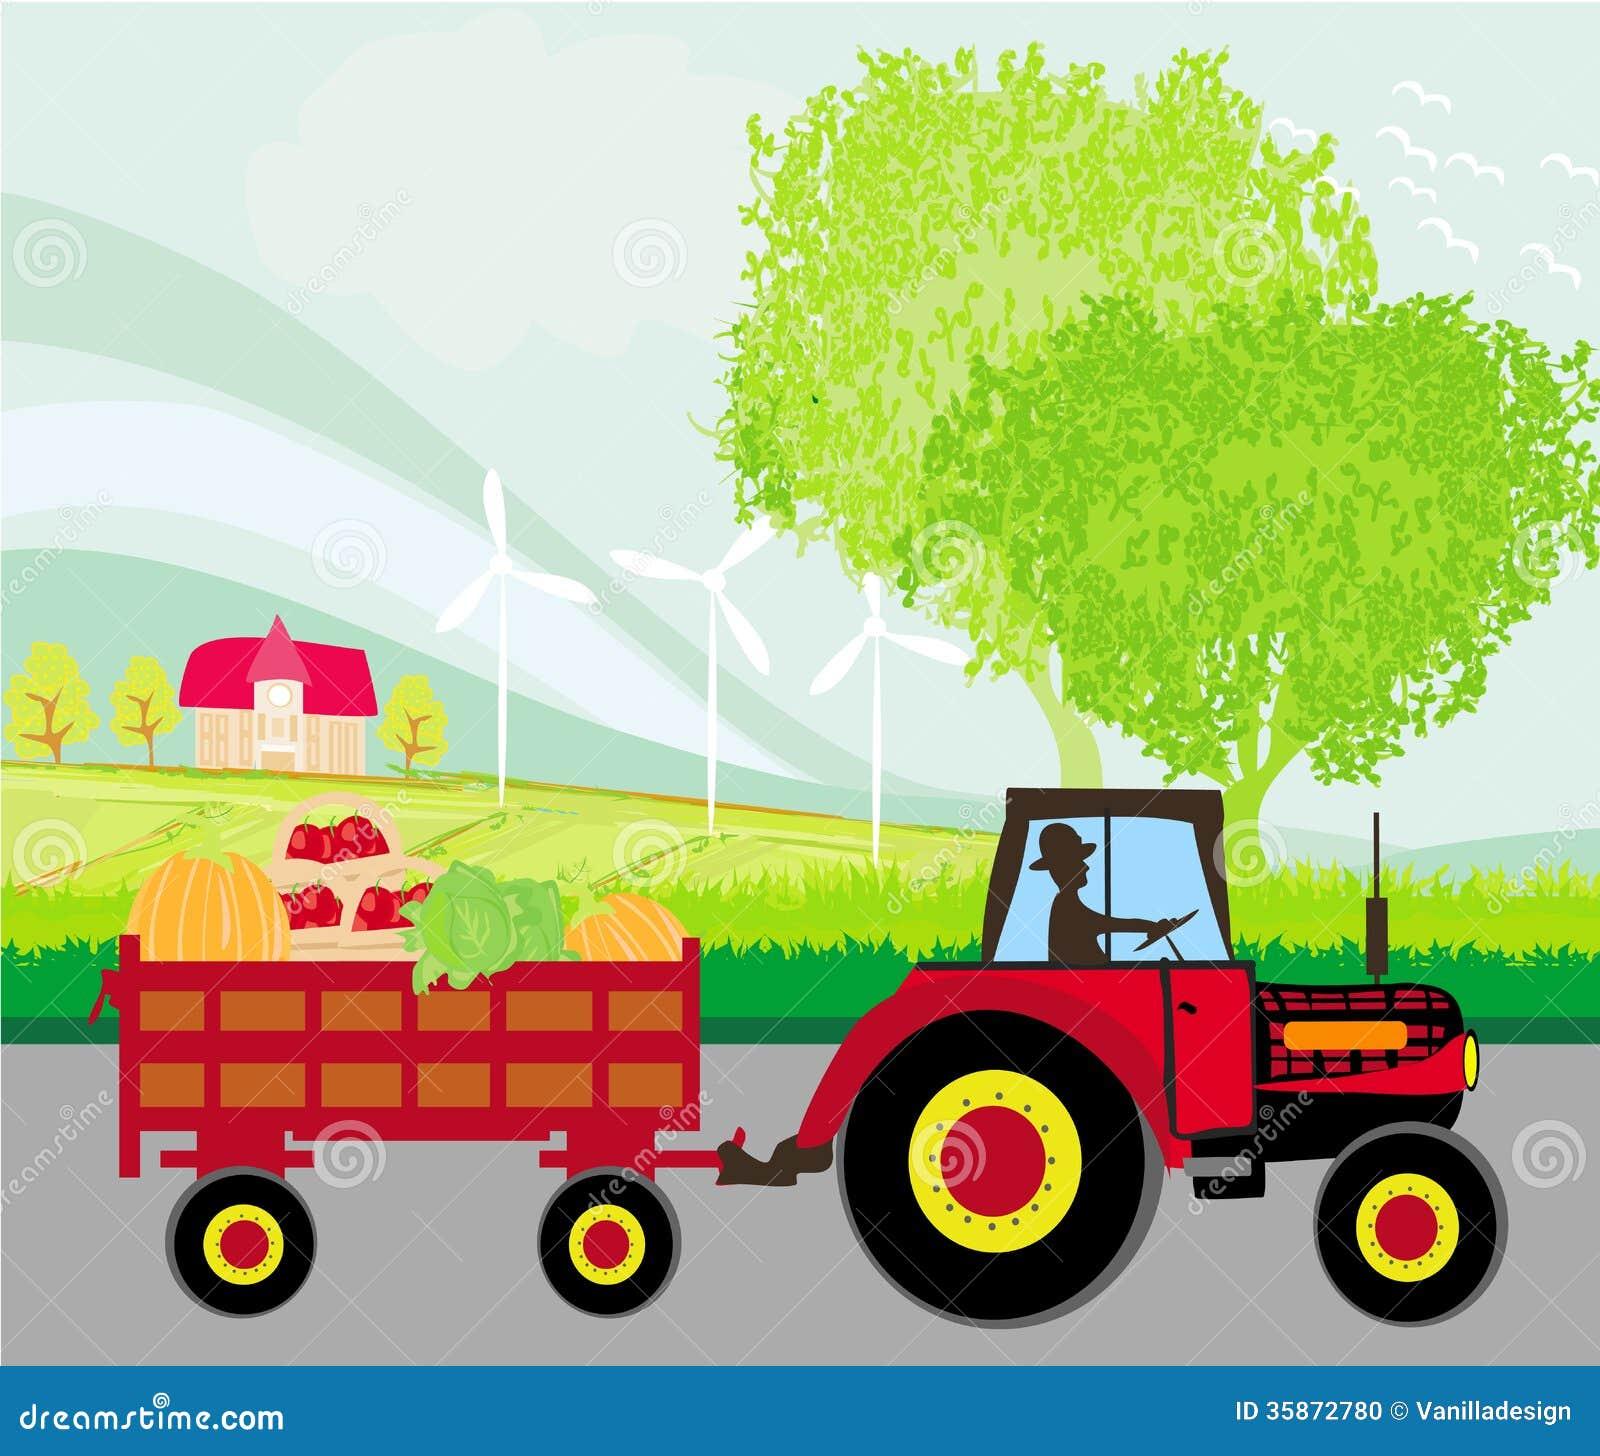 quipez conduire un tracteur avec une remorque pleine des l gumes photo stock image 35872780. Black Bedroom Furniture Sets. Home Design Ideas